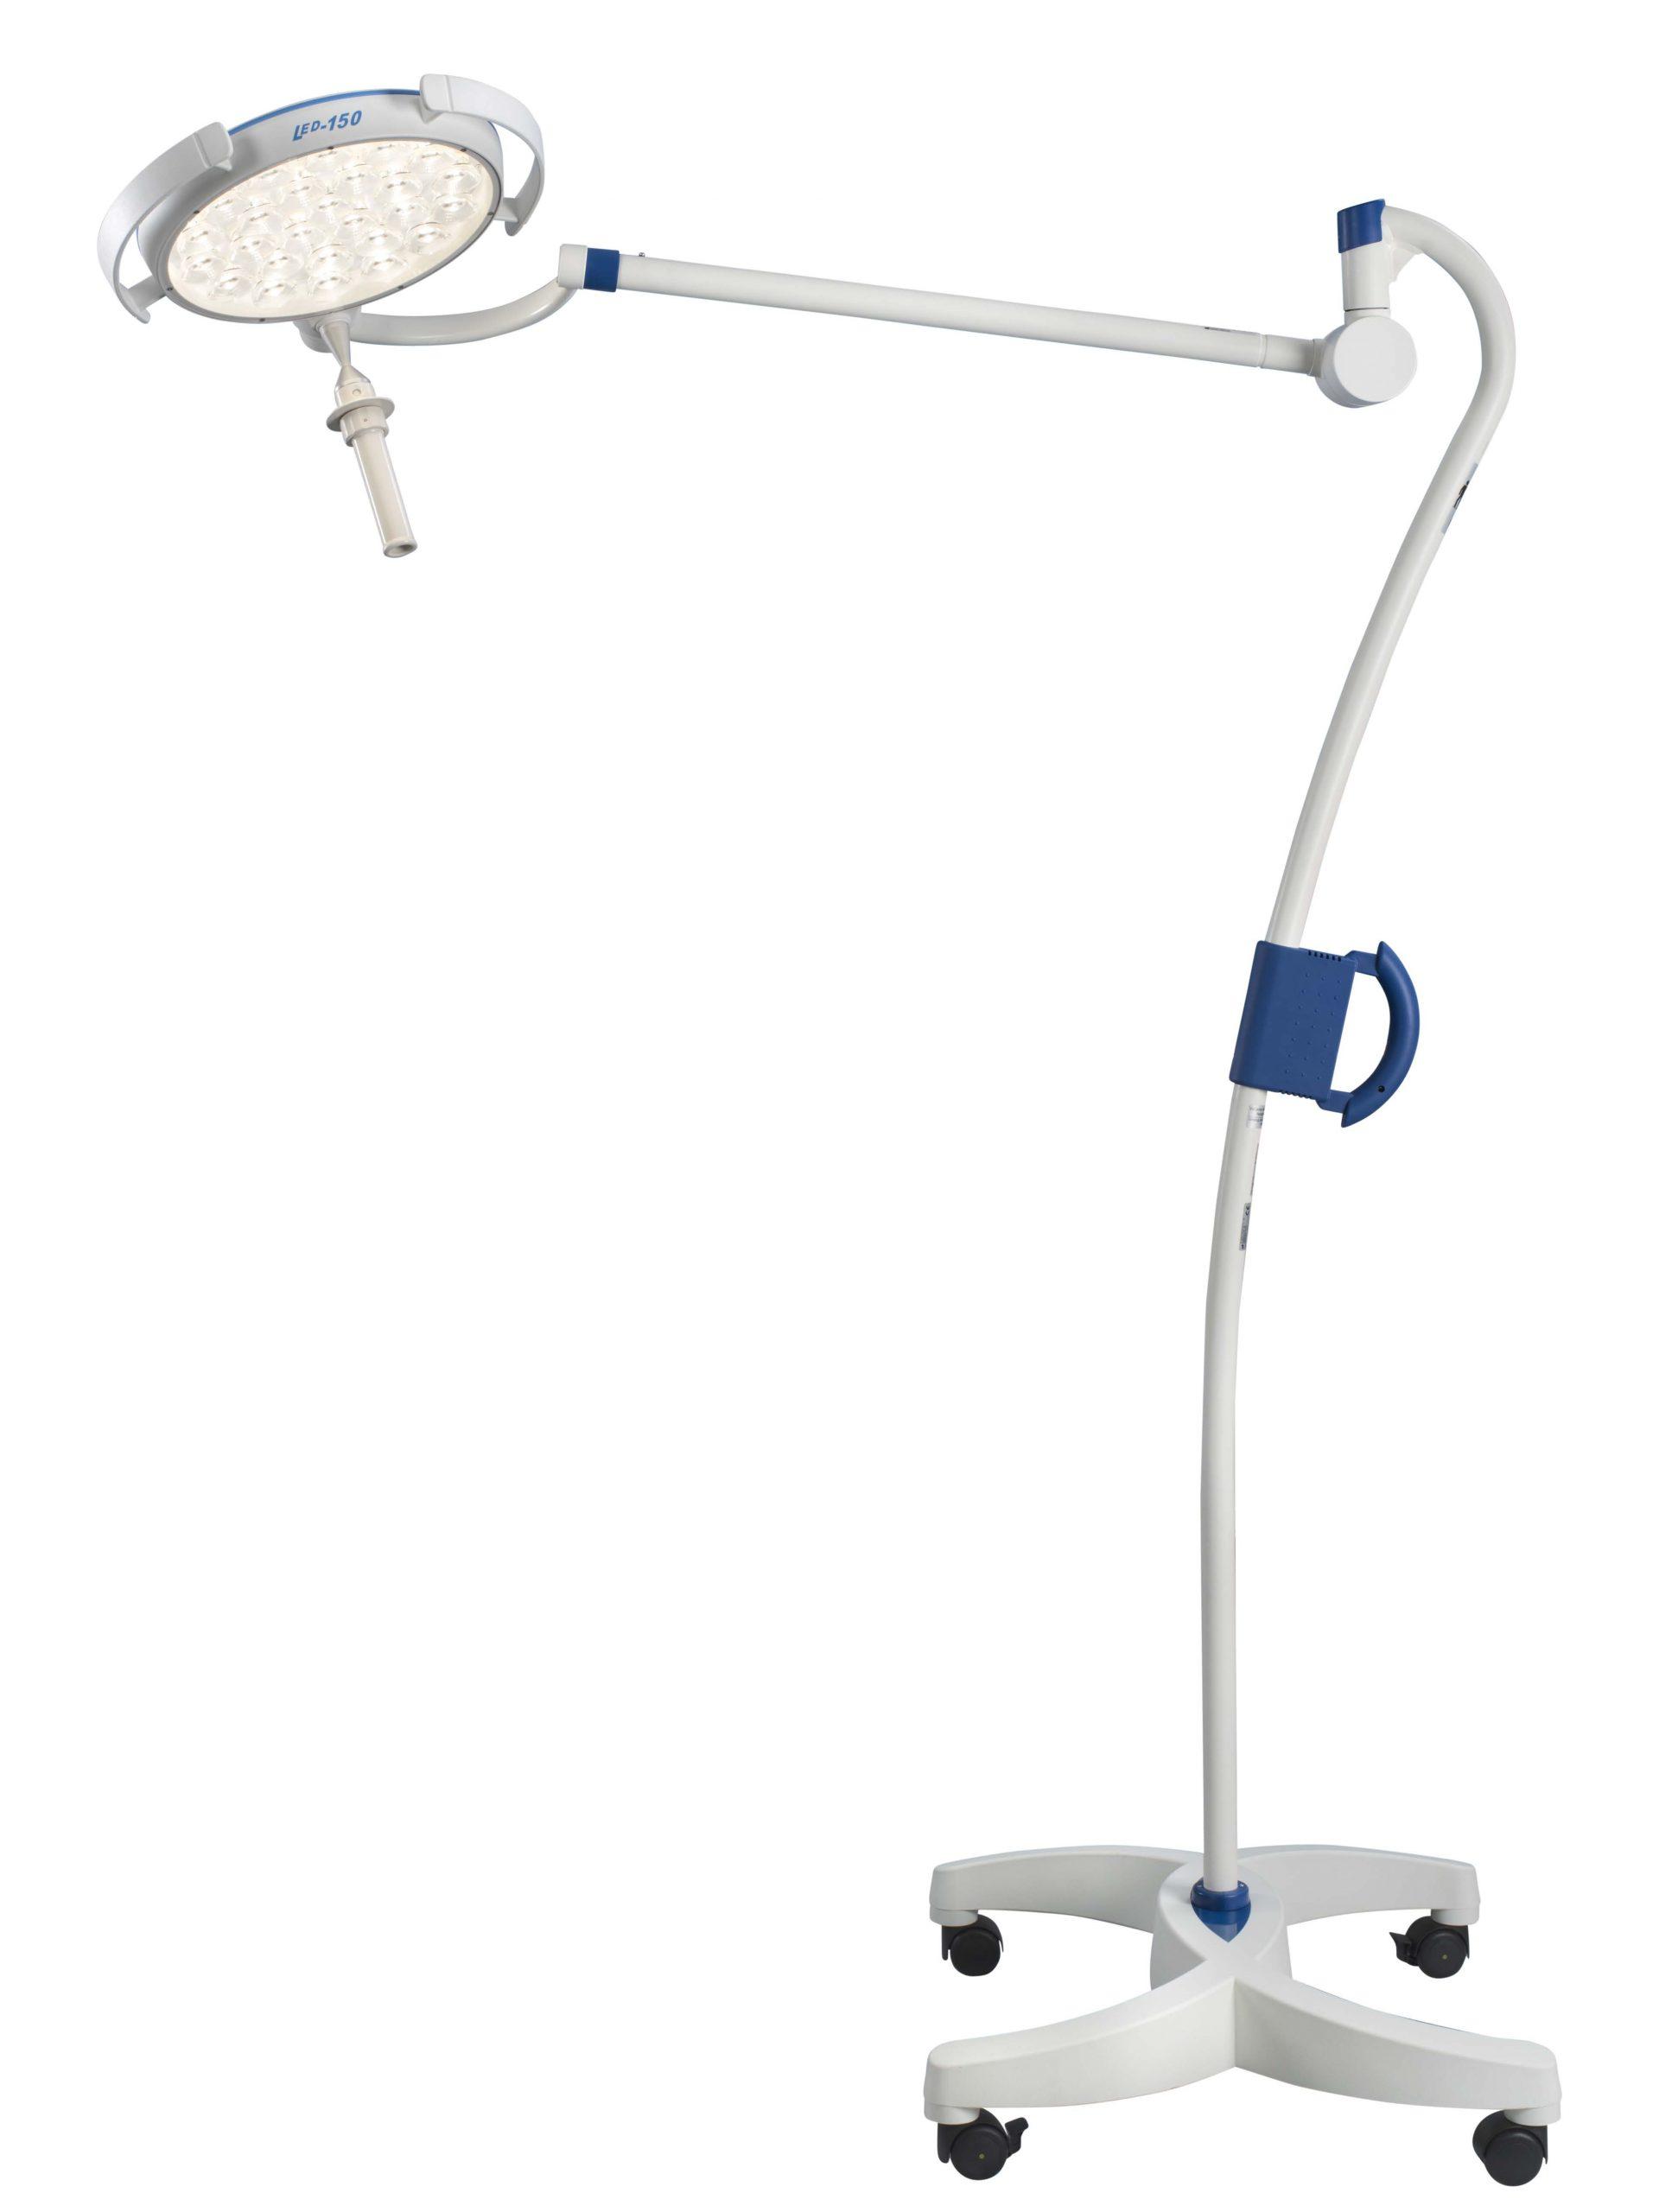 Onderzoekslamp-LED150-Swing-Statiefmodel